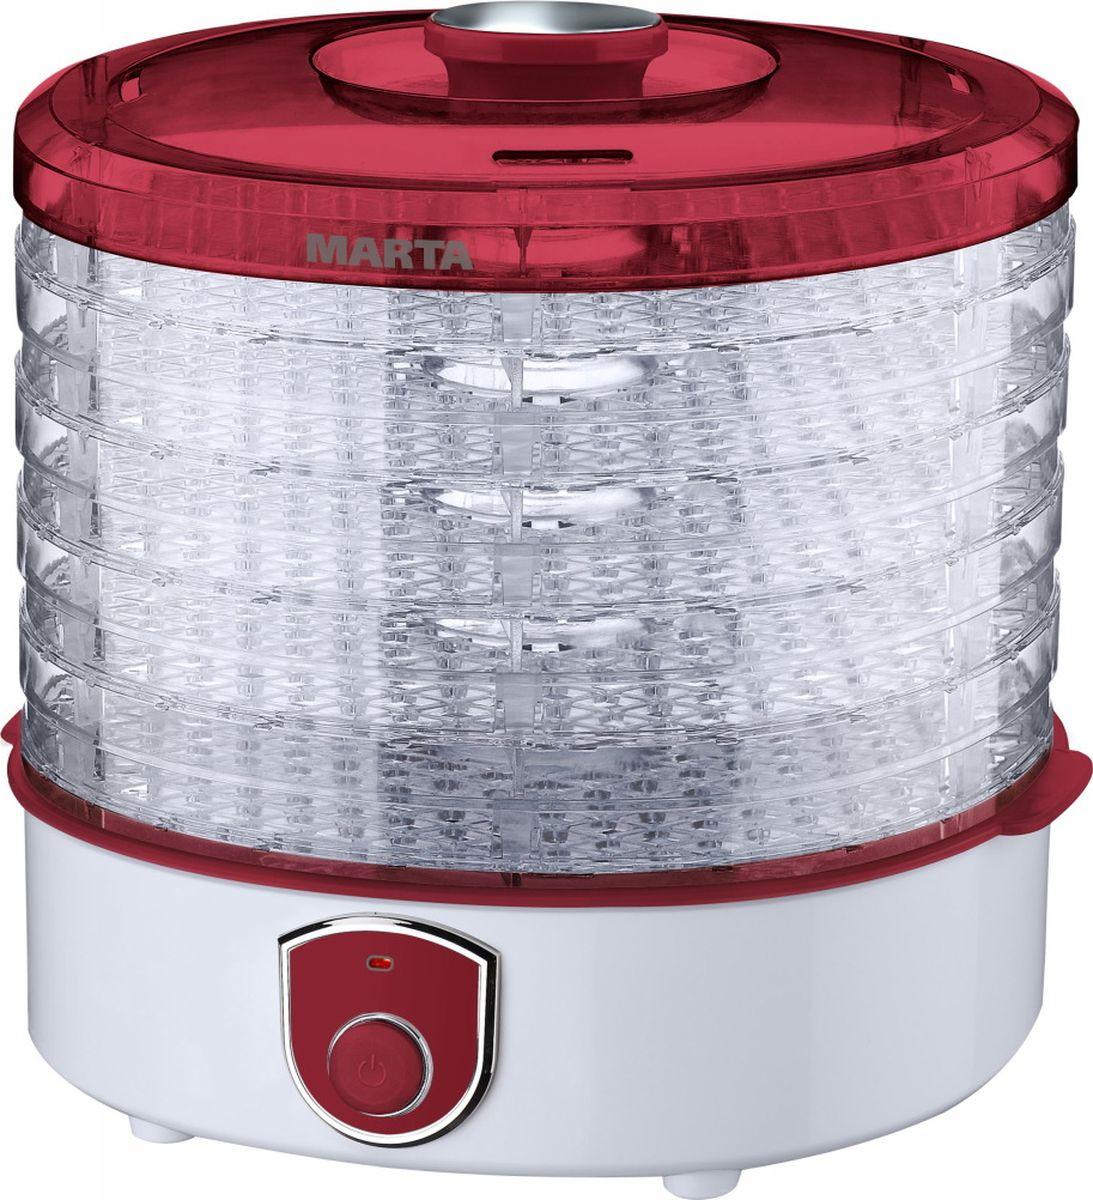 Marta MT-1950, Red Ruby сушилка для фруктов и овощей - Техника для хранения, консервации и заготовок